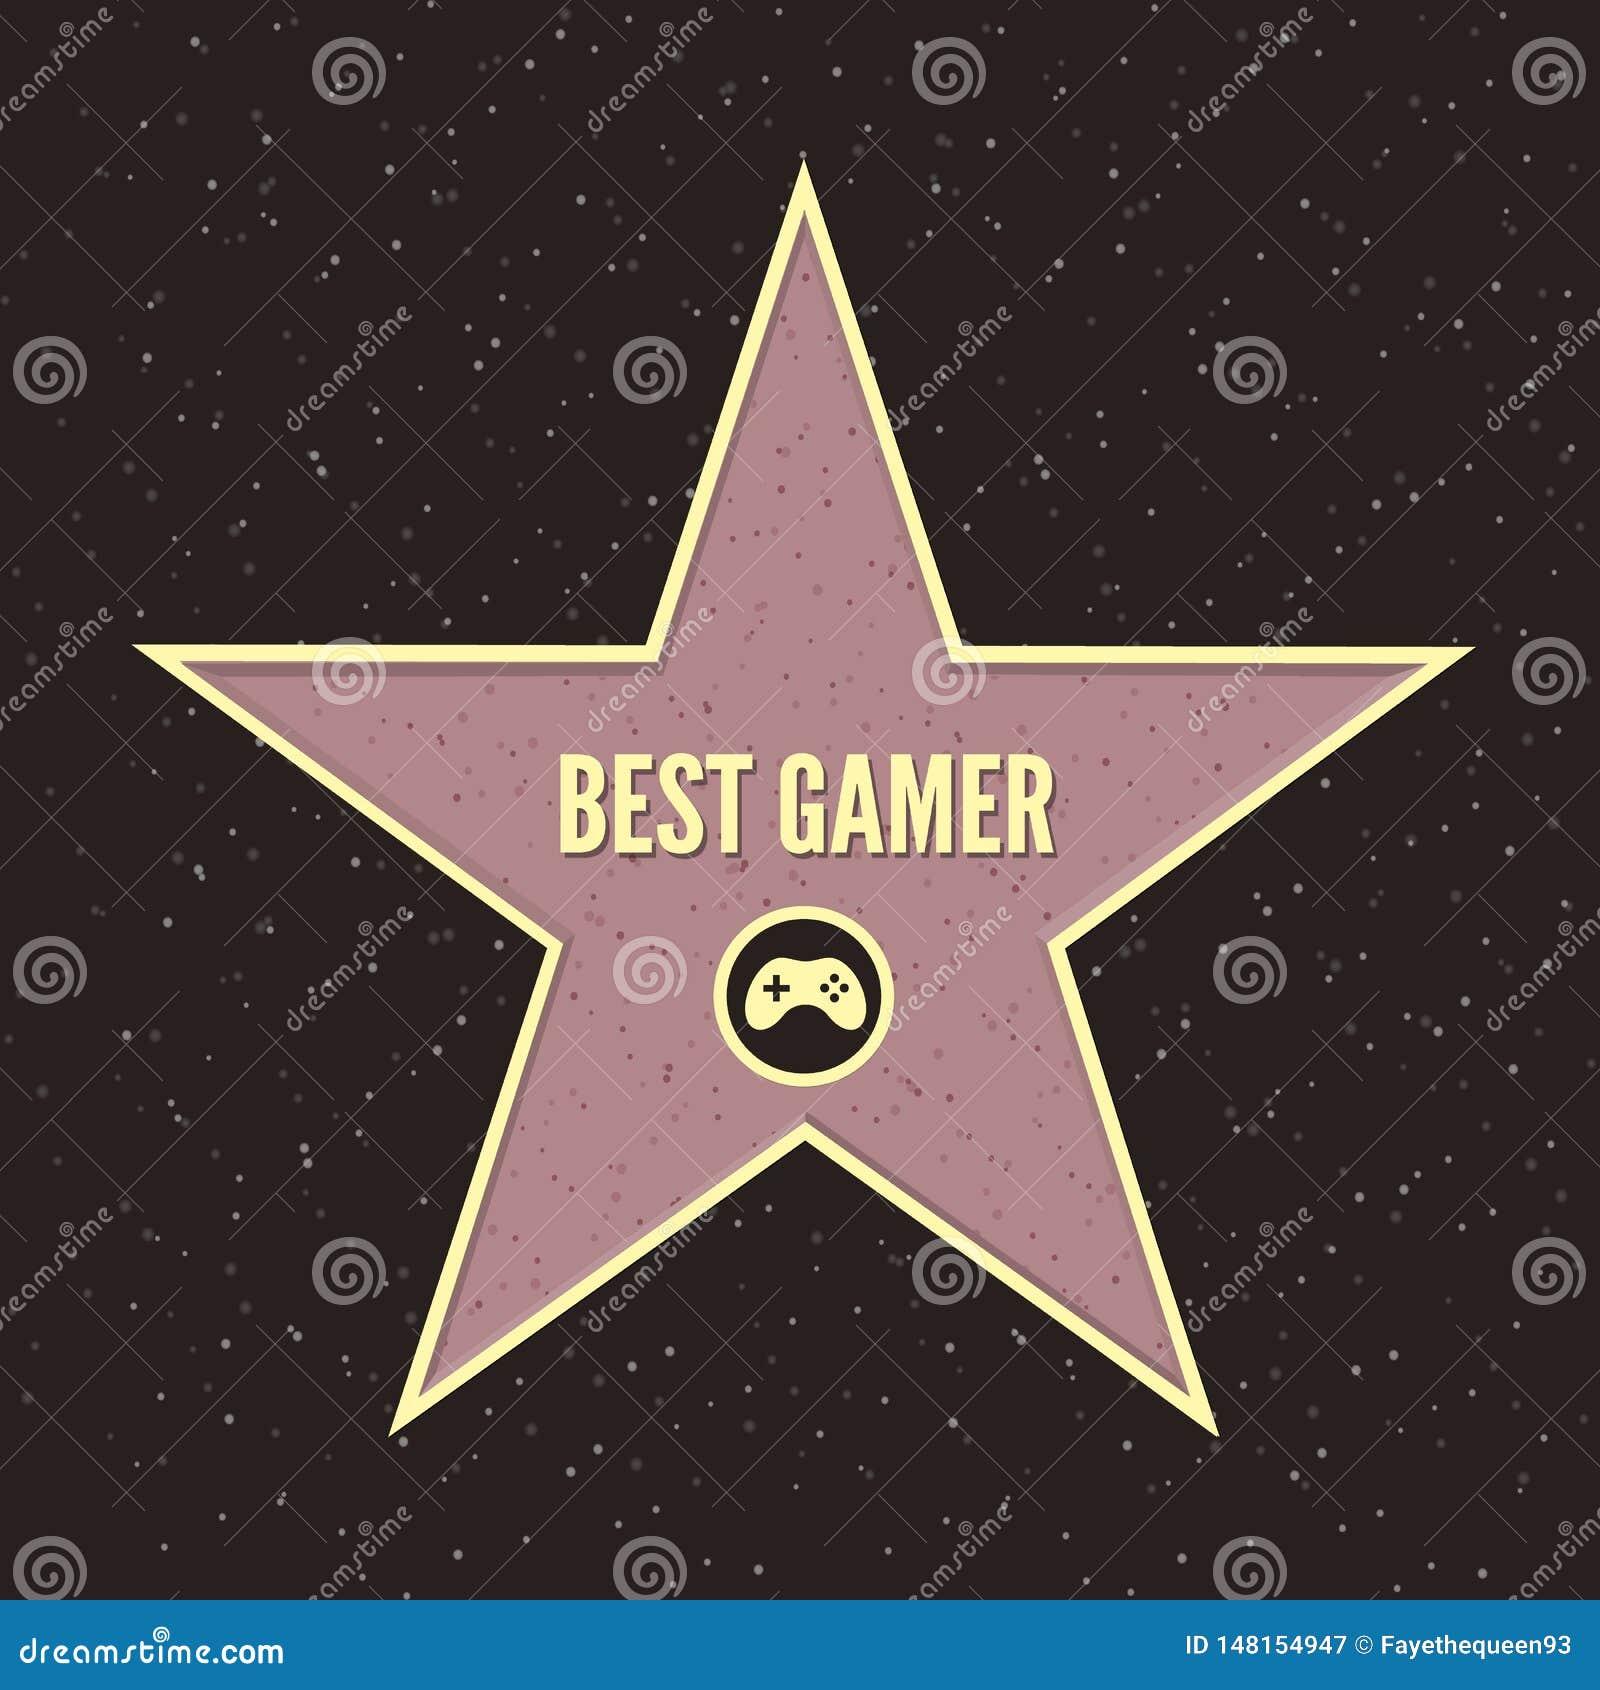 Hollywood g?r av ber?mmelsedesign Illustration av den berömda bästa gameren för trottoar